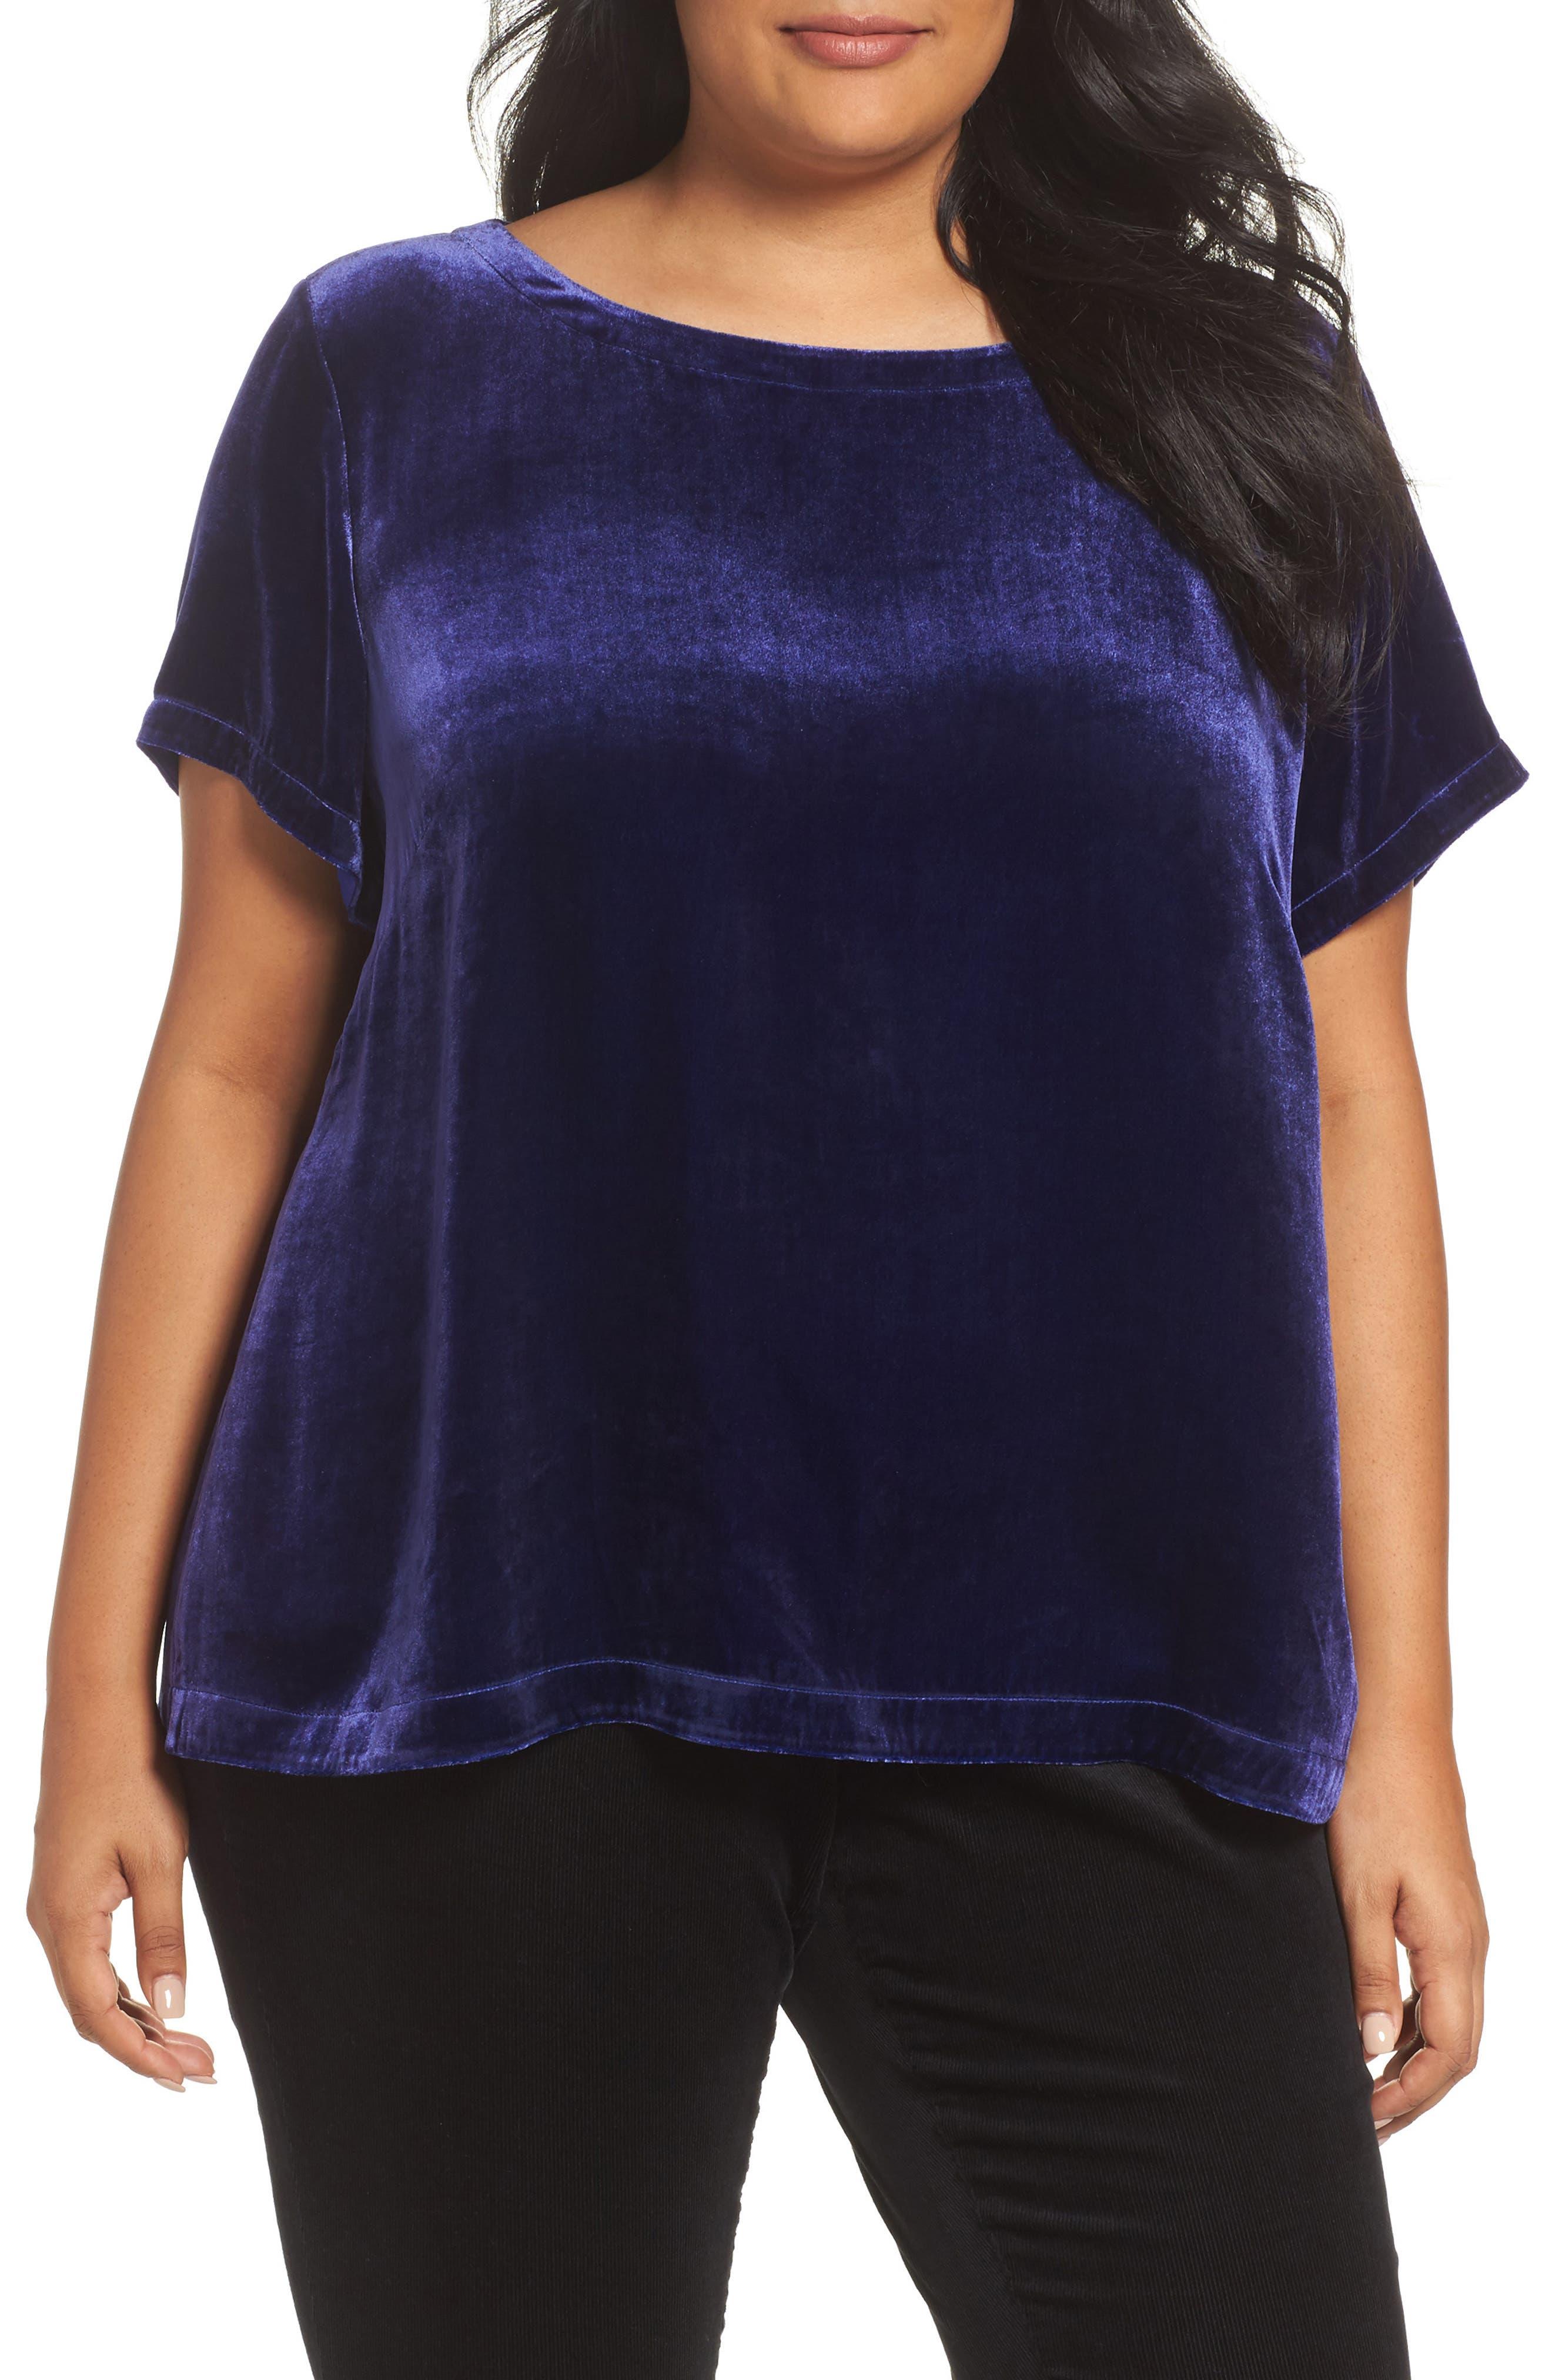 Alternate Image 1 Selected - Eileen Fisher Velvet Top (Plus Size)